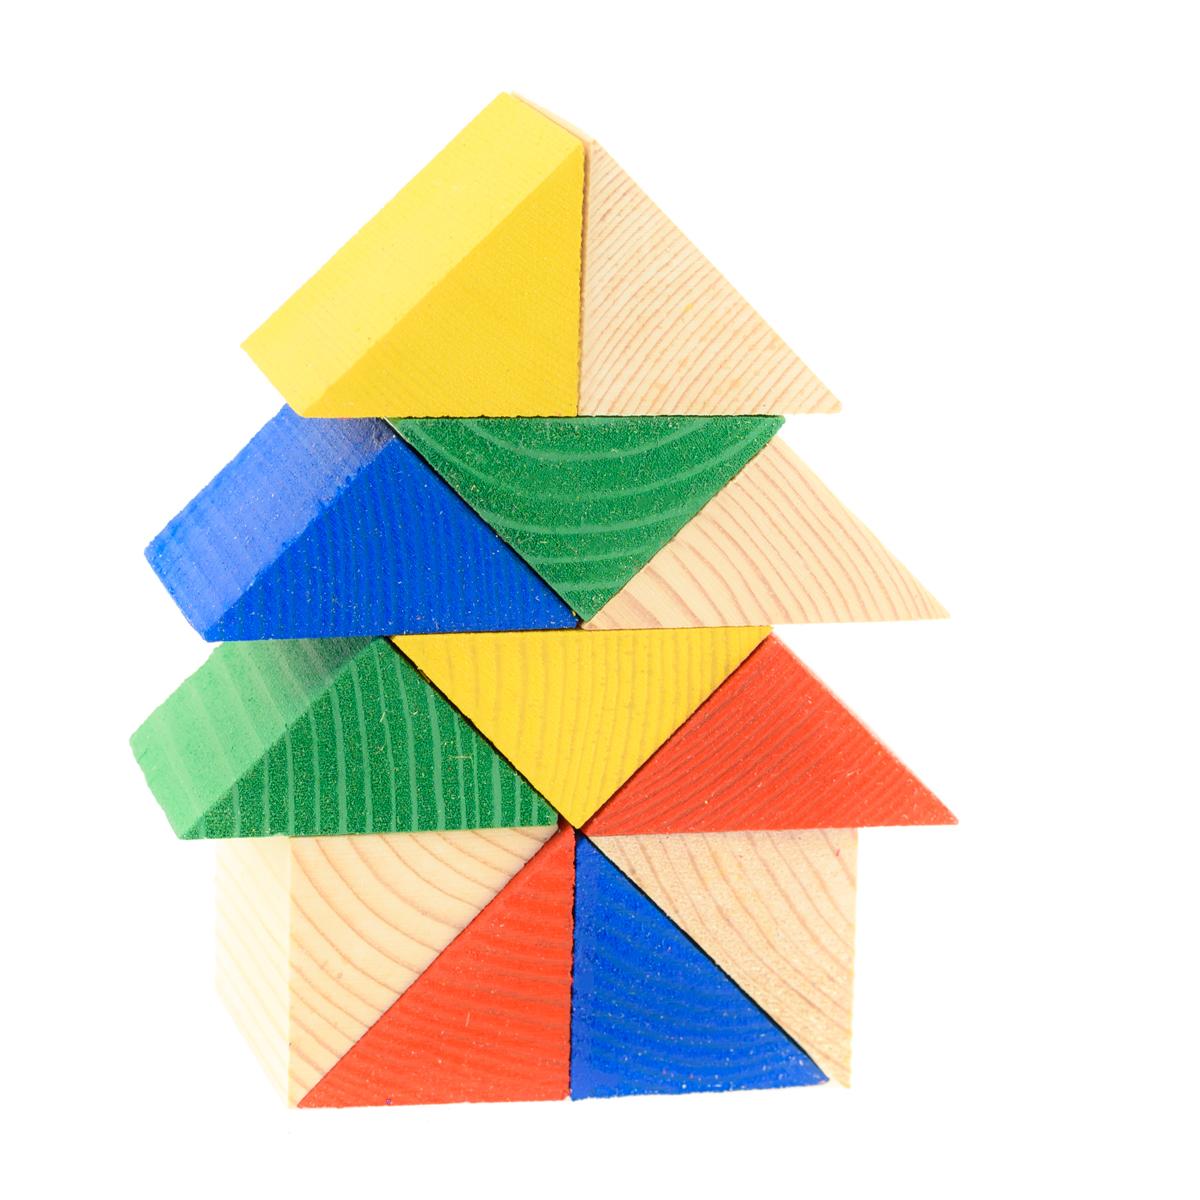 Развивающие деревянные игрушки Конструктор ТреугольникиД151бНабор «12 треугольников» - развивающая мини-игра, выполненная из натурального дерева. При помощи данного набора ребёнок познакомится с волшебным миром треугольников, научится складывать фигуры, предметы и конструкции из треугольников. Набор поможет ребенку развить пространственное мышление, воображение, логику, моторику, познакомит ребенка с такими понятиями как доли, «часть-целое». Использование в производстве данного набора натурального отечественного дерева мягких пород в сочетании с минимумом обаботки позволило максимально сохранить ощущение фактуры дерева и его аромата. Элементы набора также можно использовать в качестве счетного материала, для изучения основных цветов.